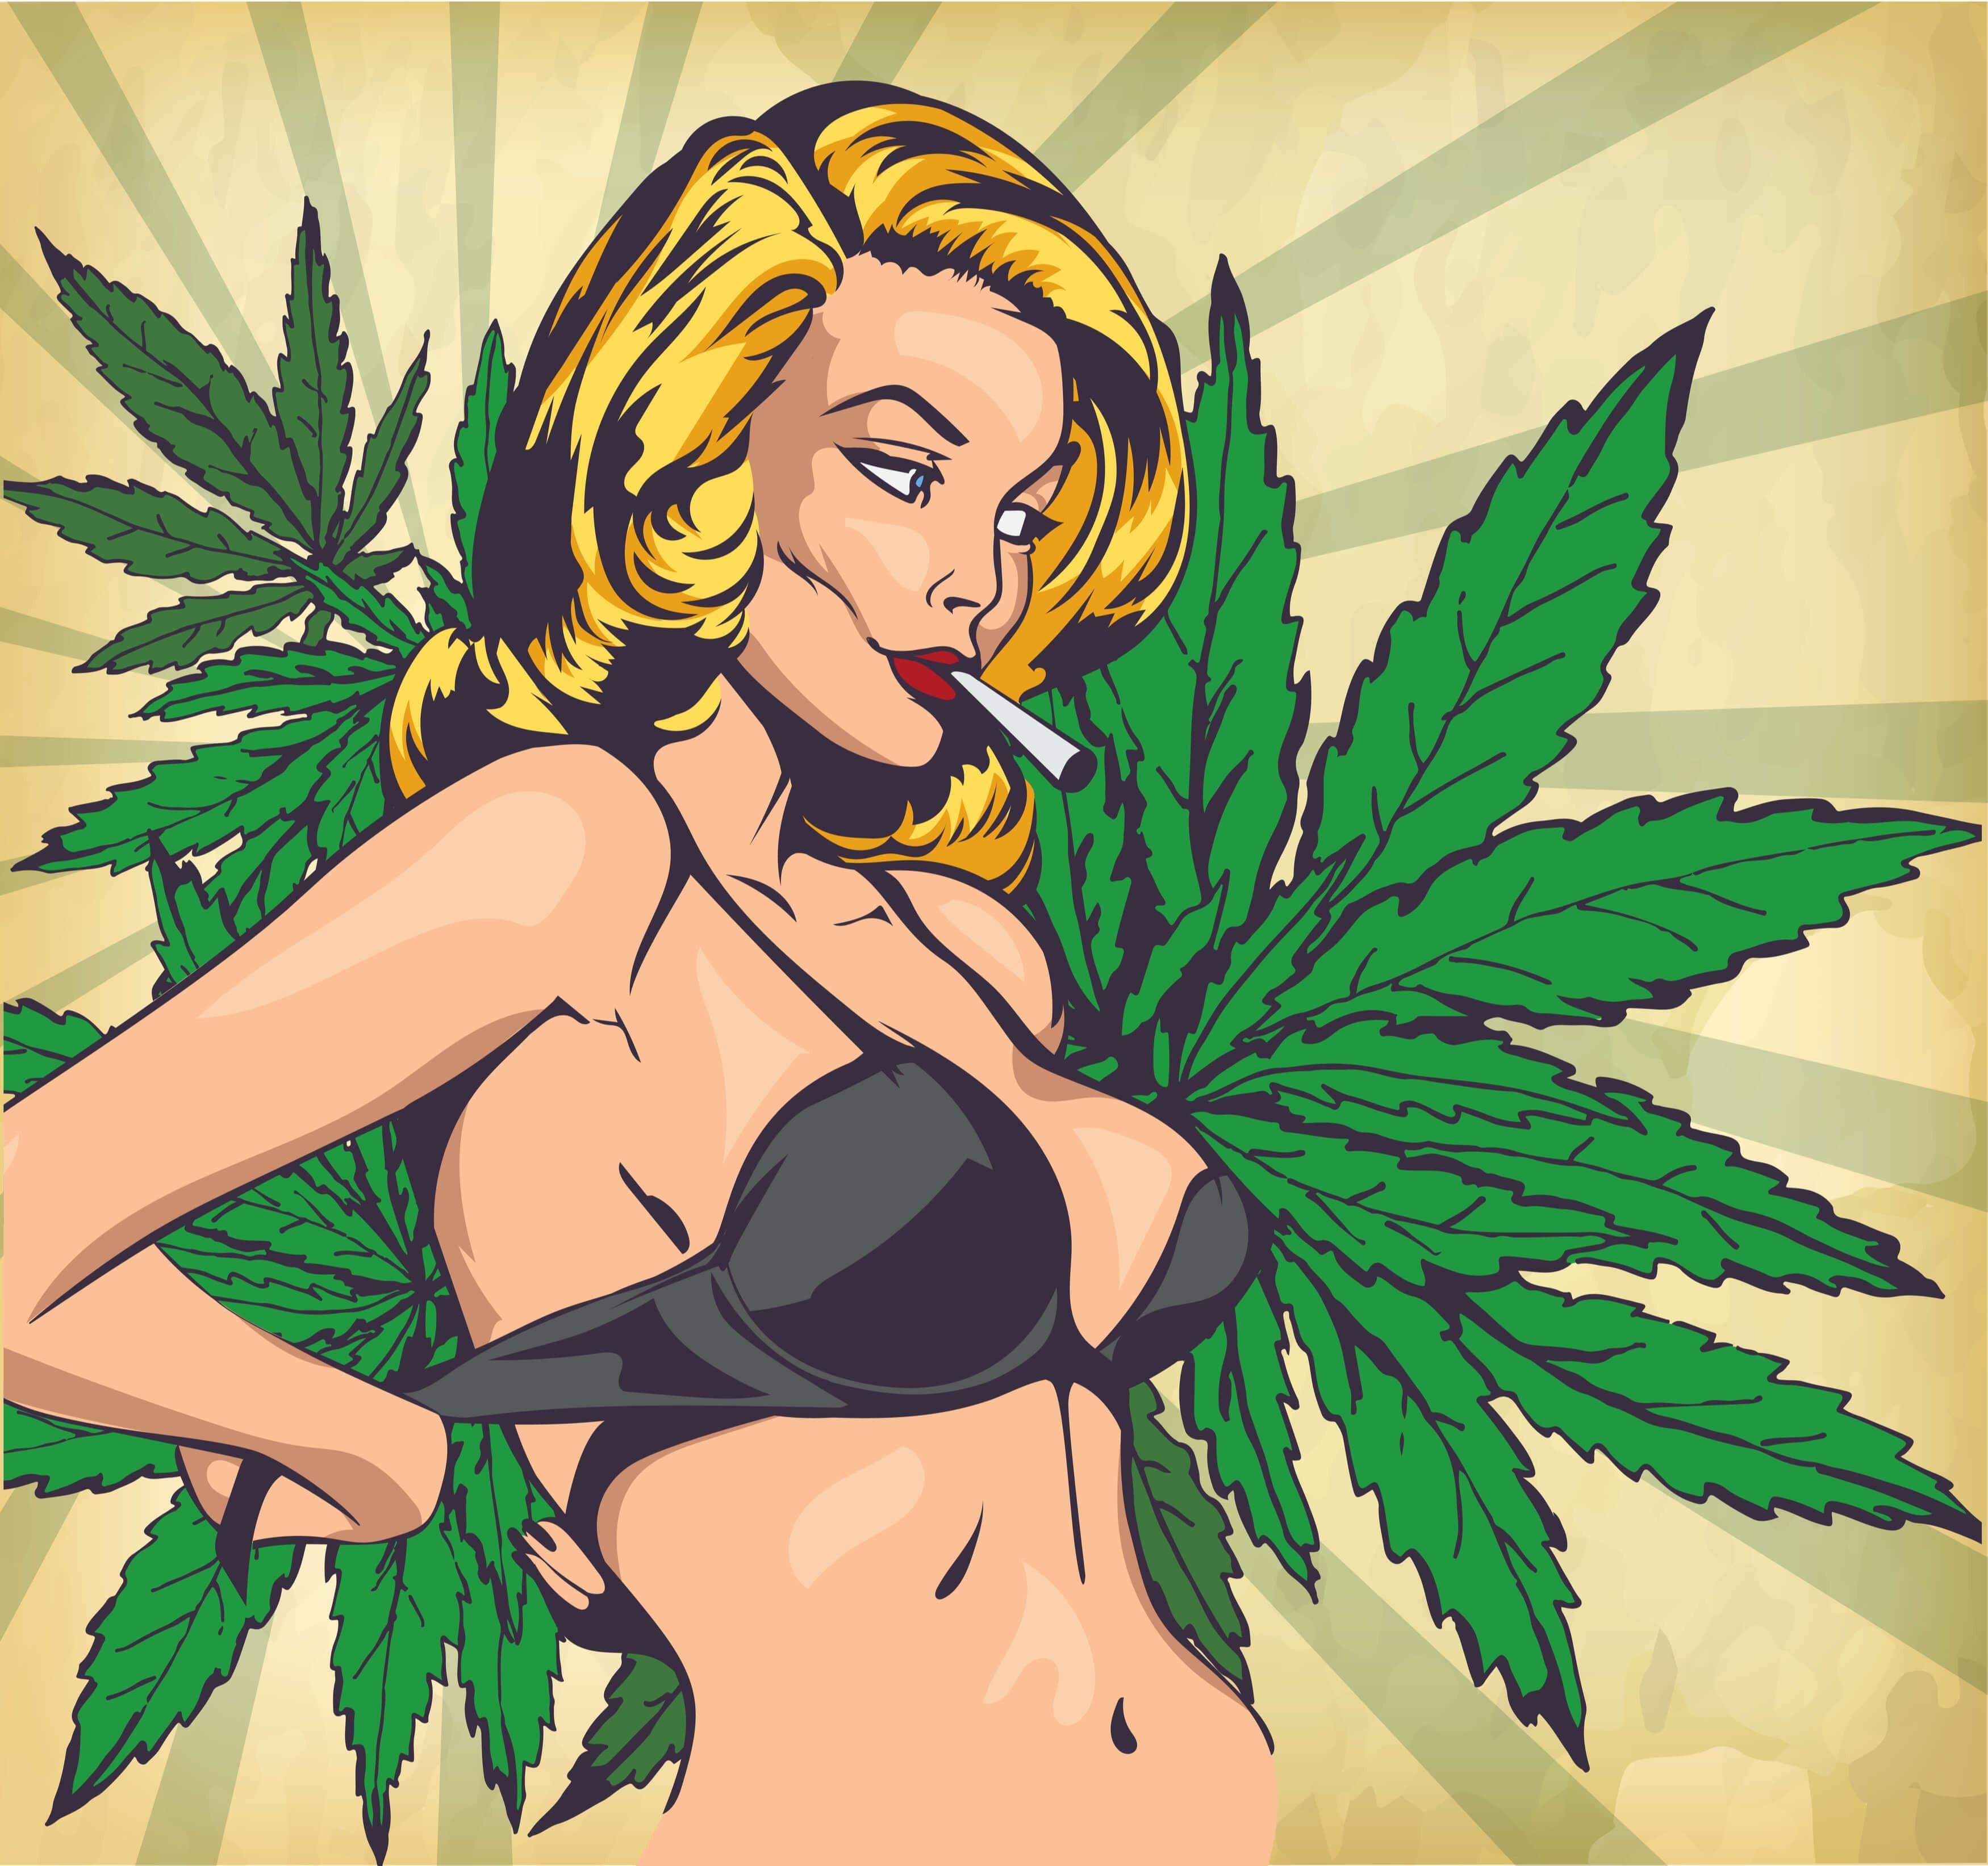 Marijuana girl cartoon images, stock photos vectors